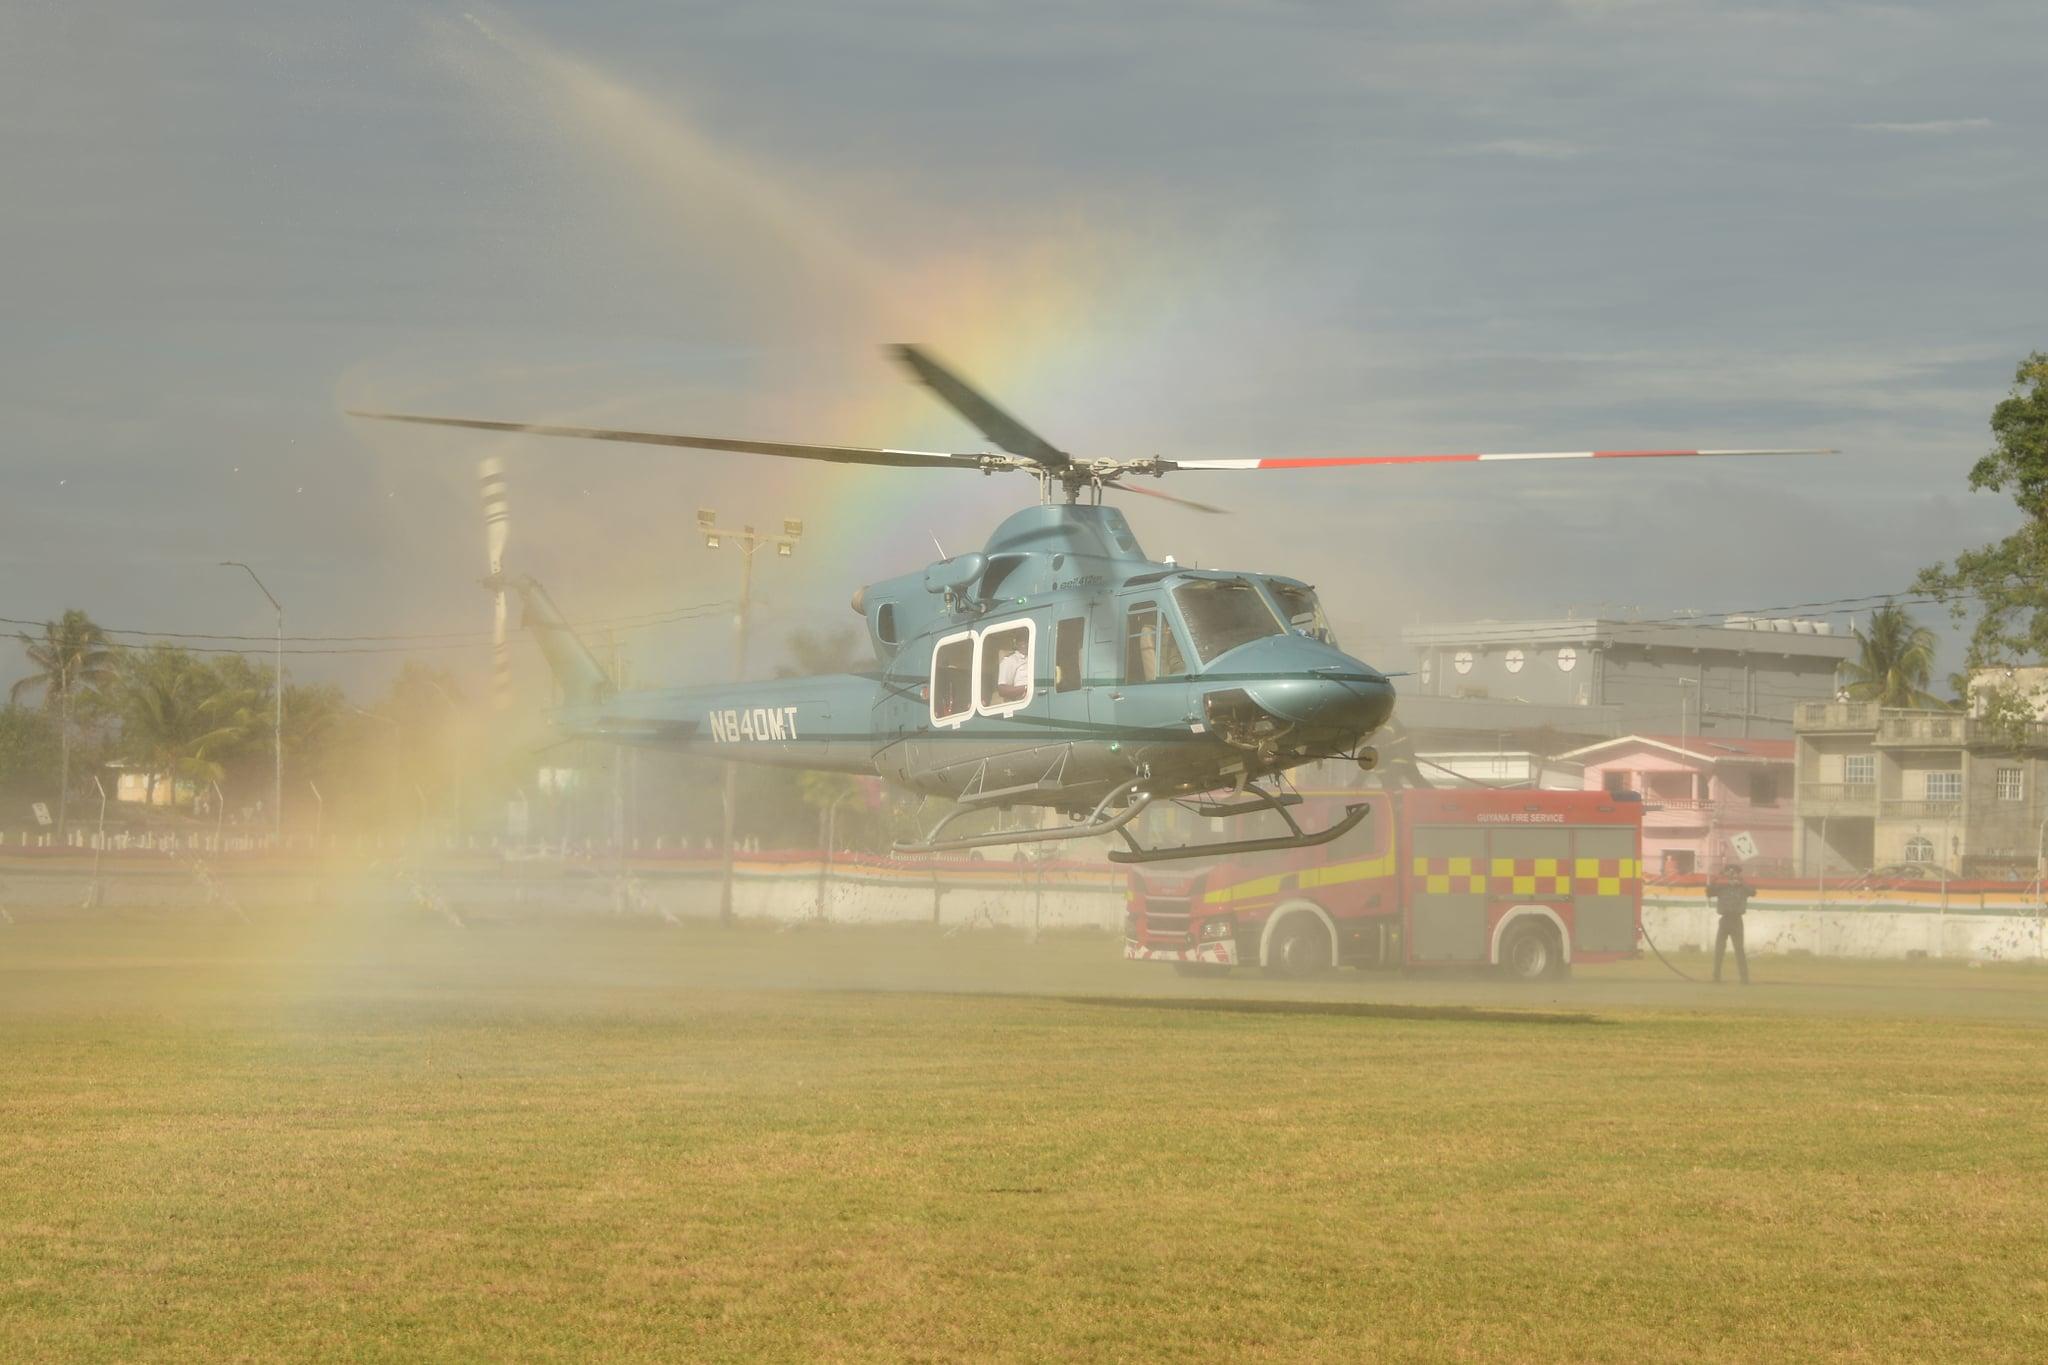 Guiana recebe helicóptero Bell 412 para melhorar a segurança aérea